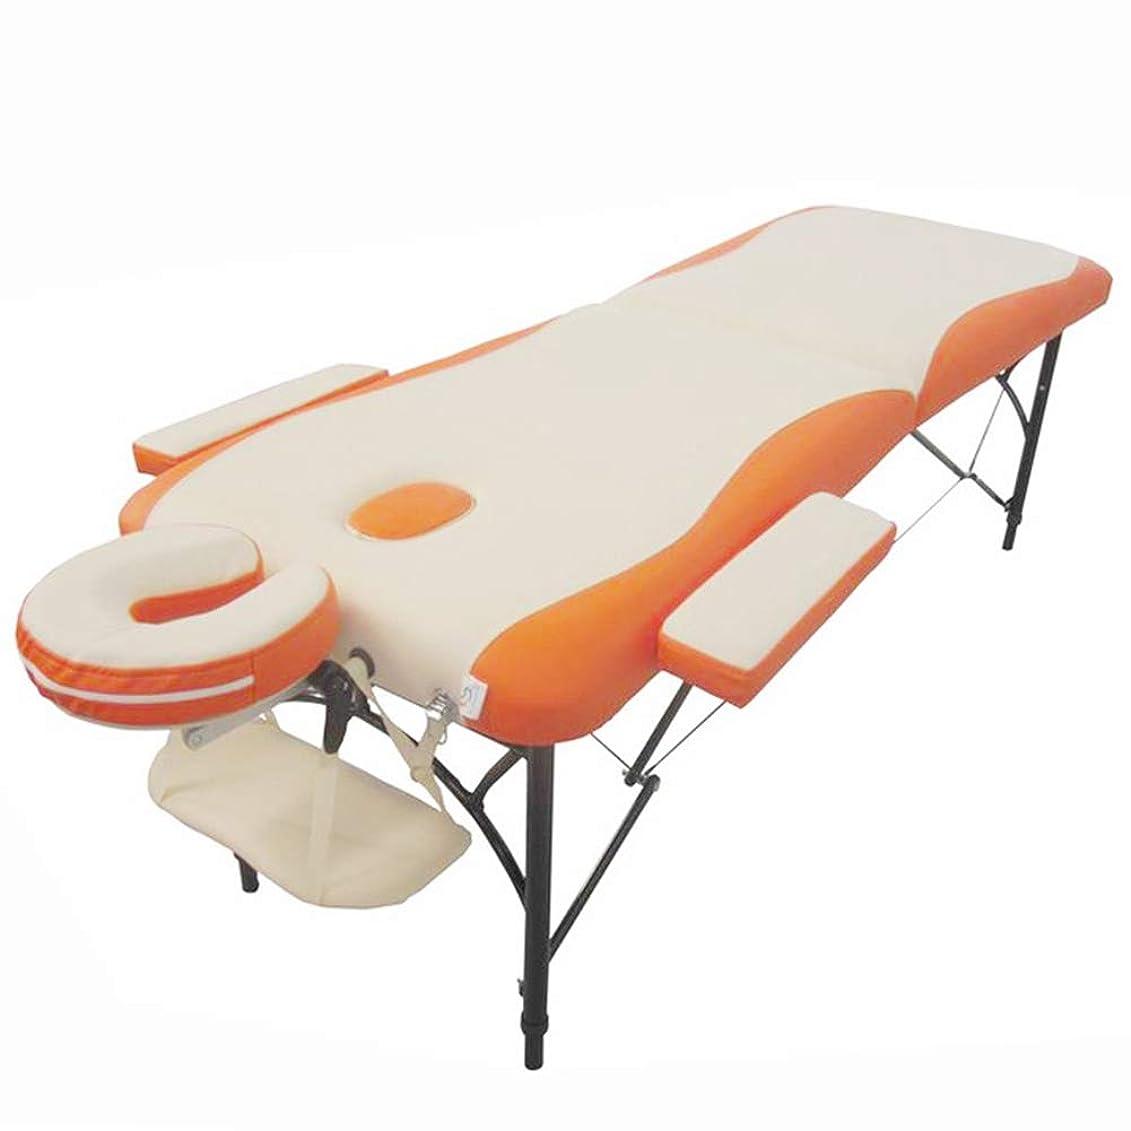 イヤホン船上長いです専門の折りたたみ美のベッド、調節可能な入れ墨のマッサージのテーブル/レイキ鉱泉の顔の処置